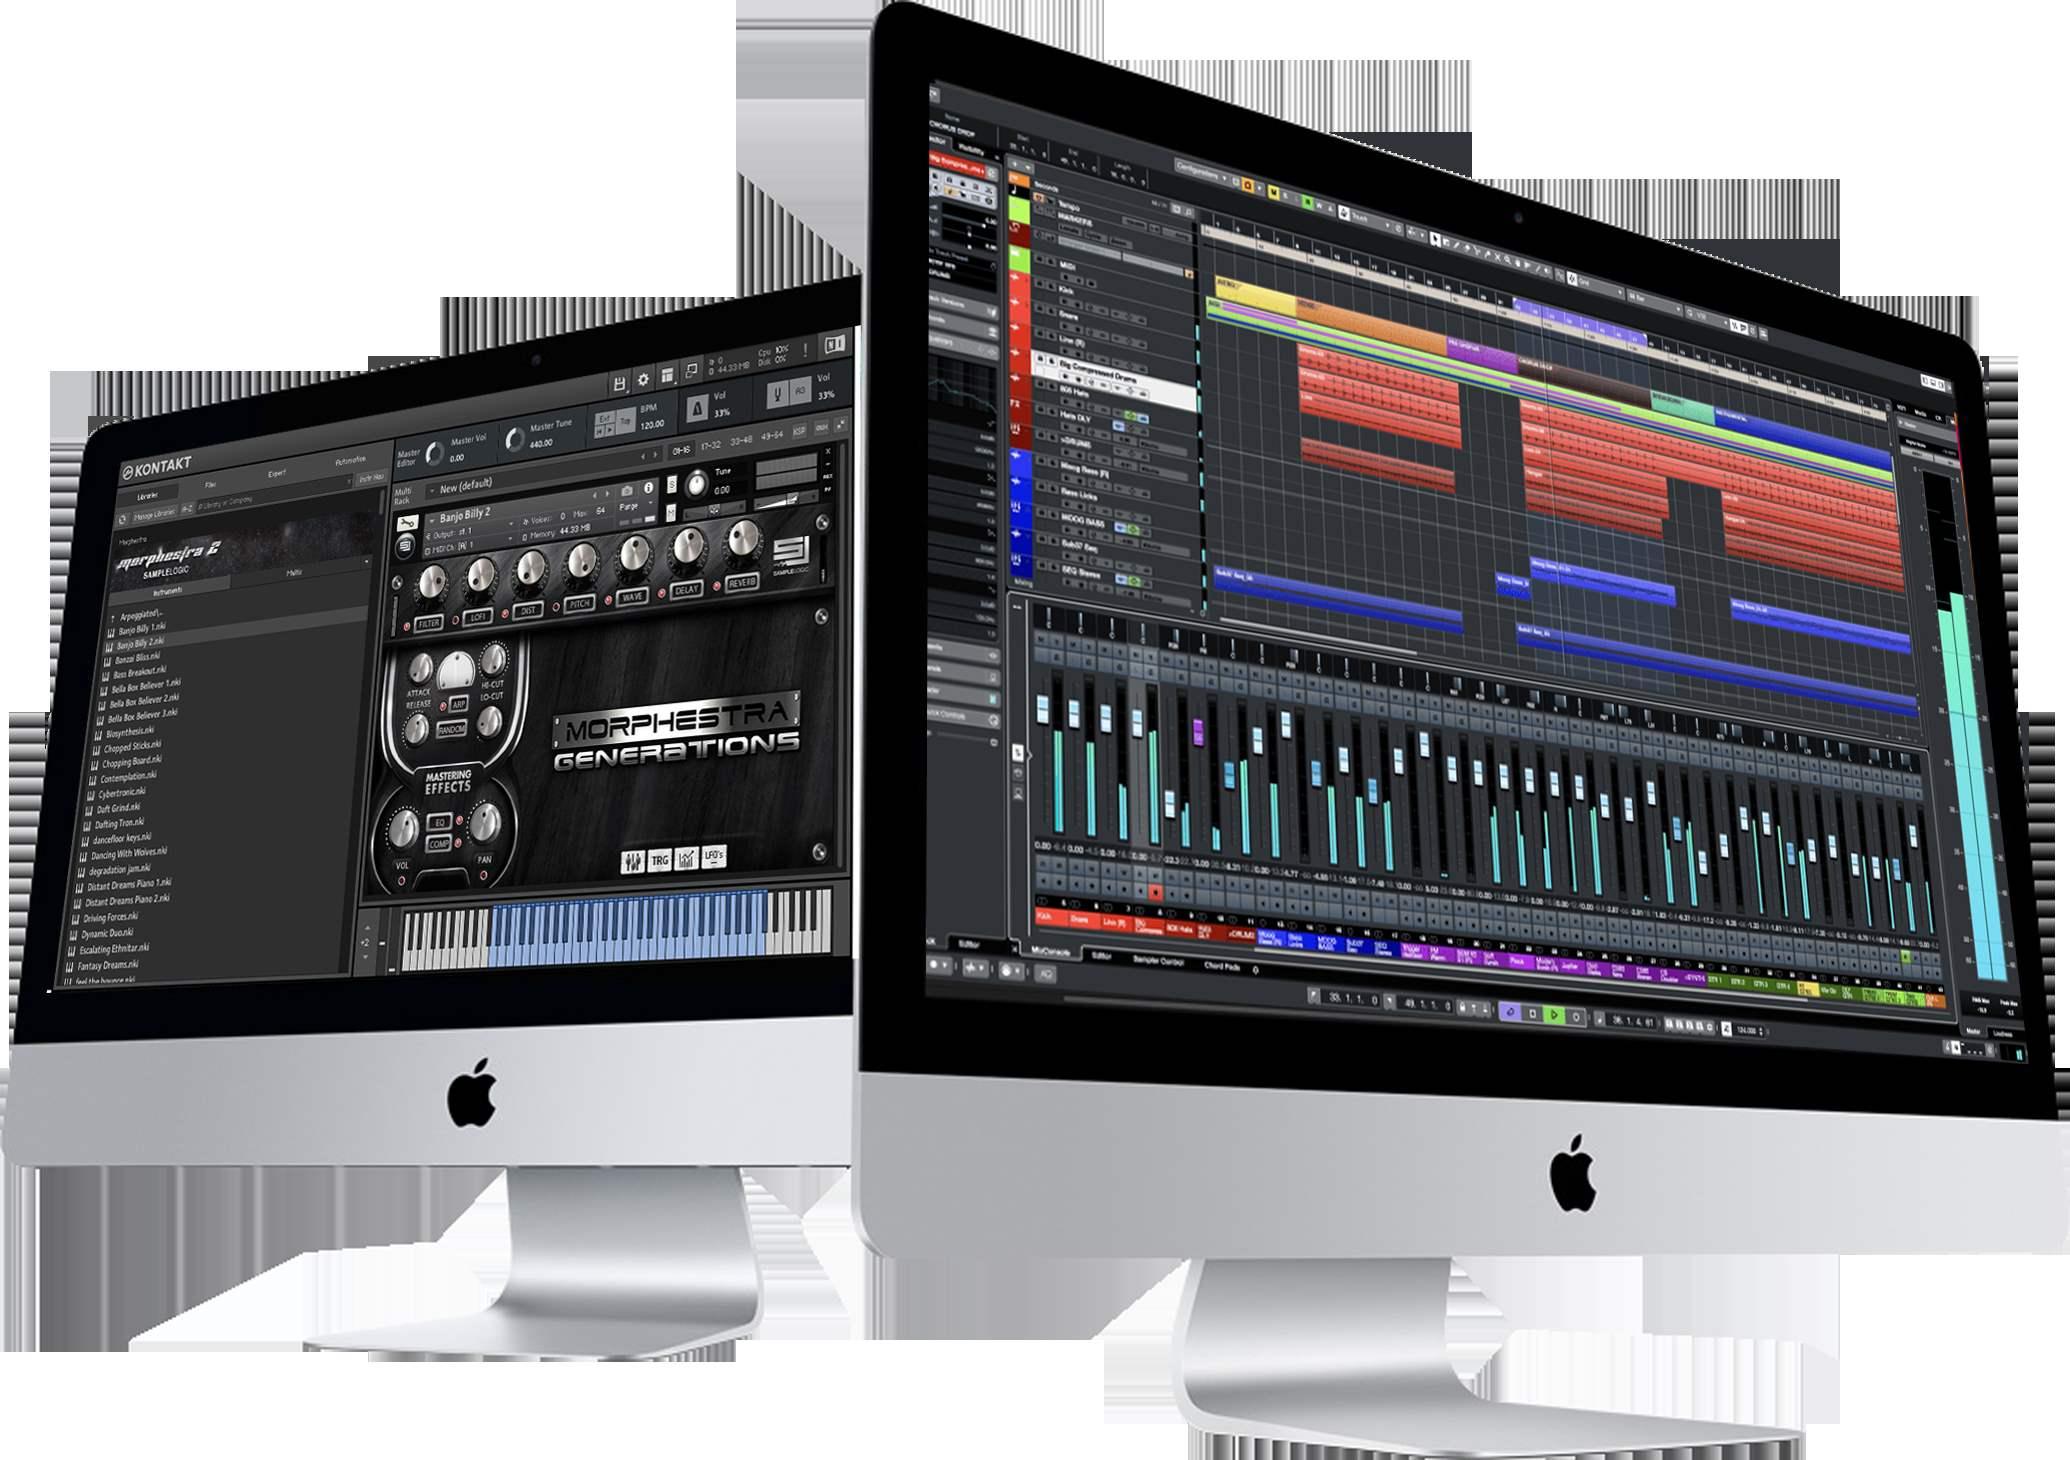 MIDI аксессуары / Музыкальное програмное обеспечение Артикул 598967590551